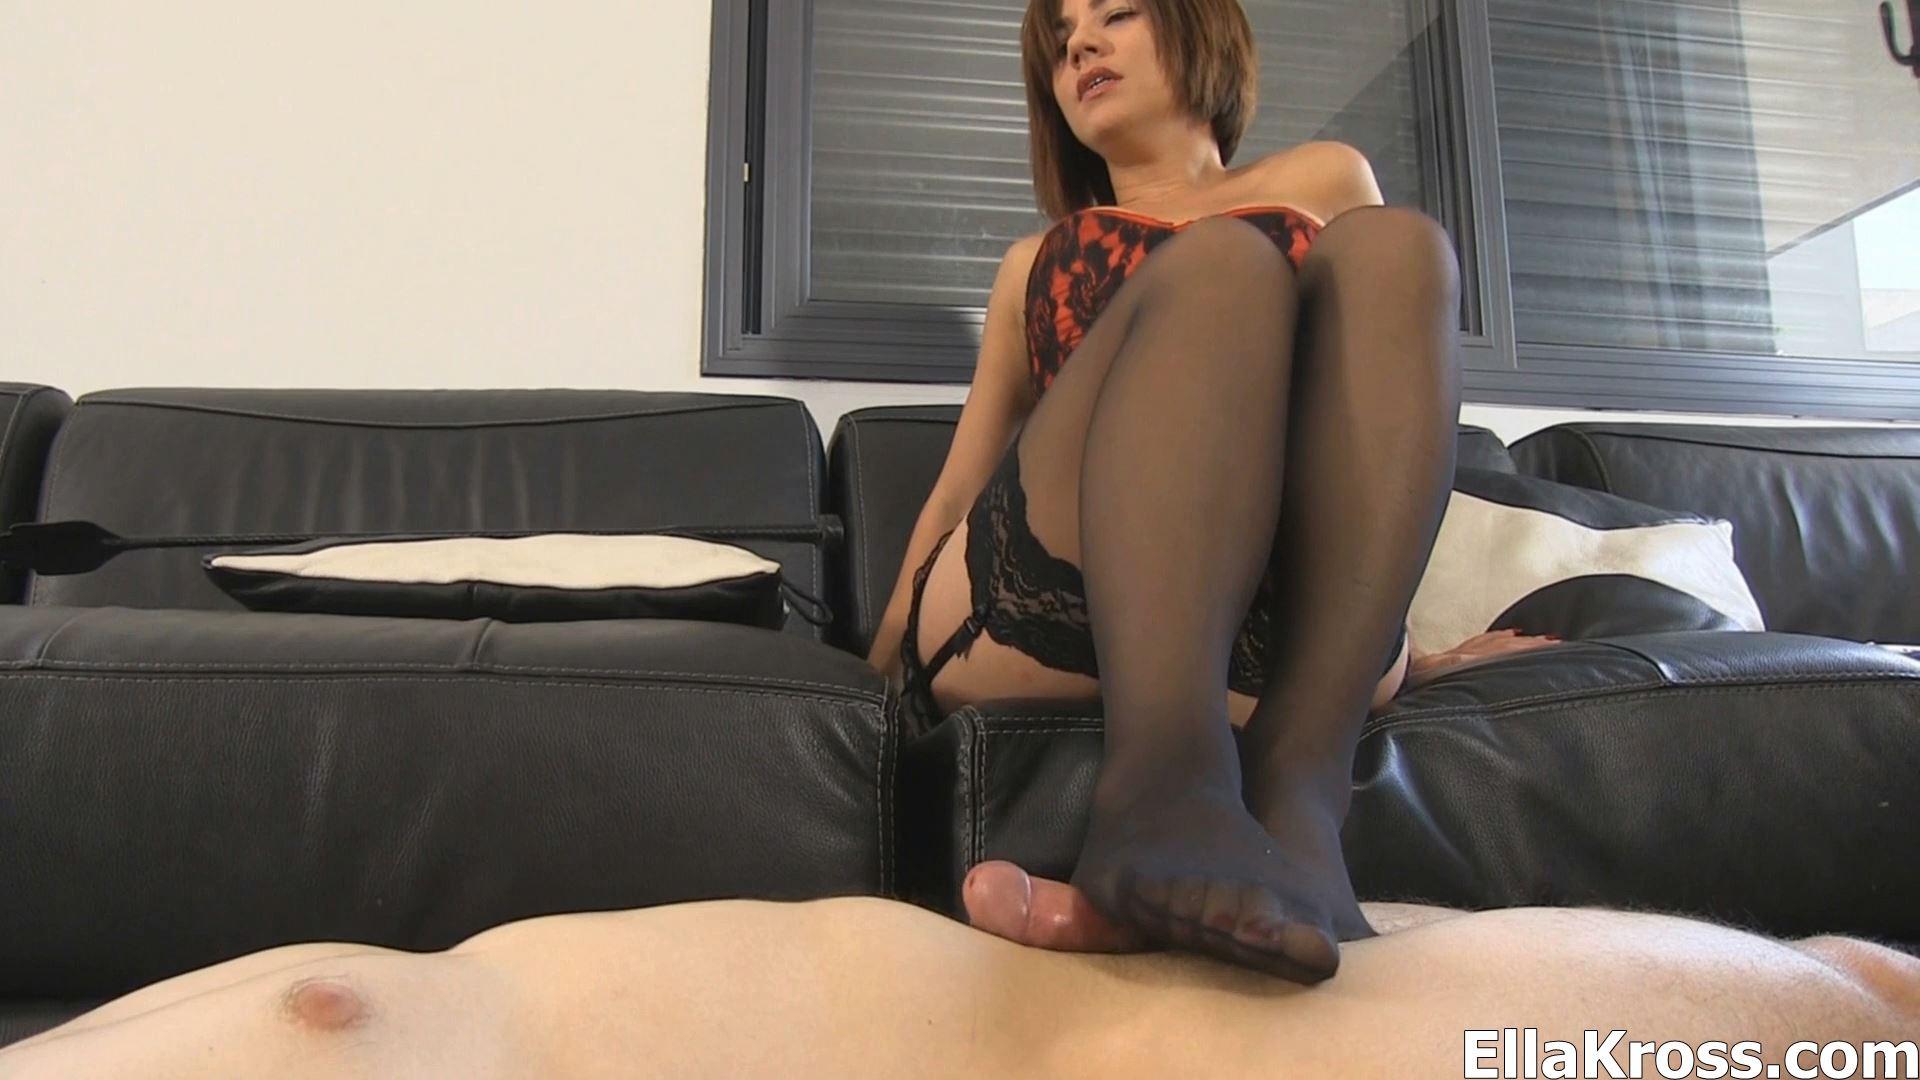 Ella Kross In Scene: Foot Worshiping Cock Tease - ELLAKROSS - FULL HD/1080p/MP4